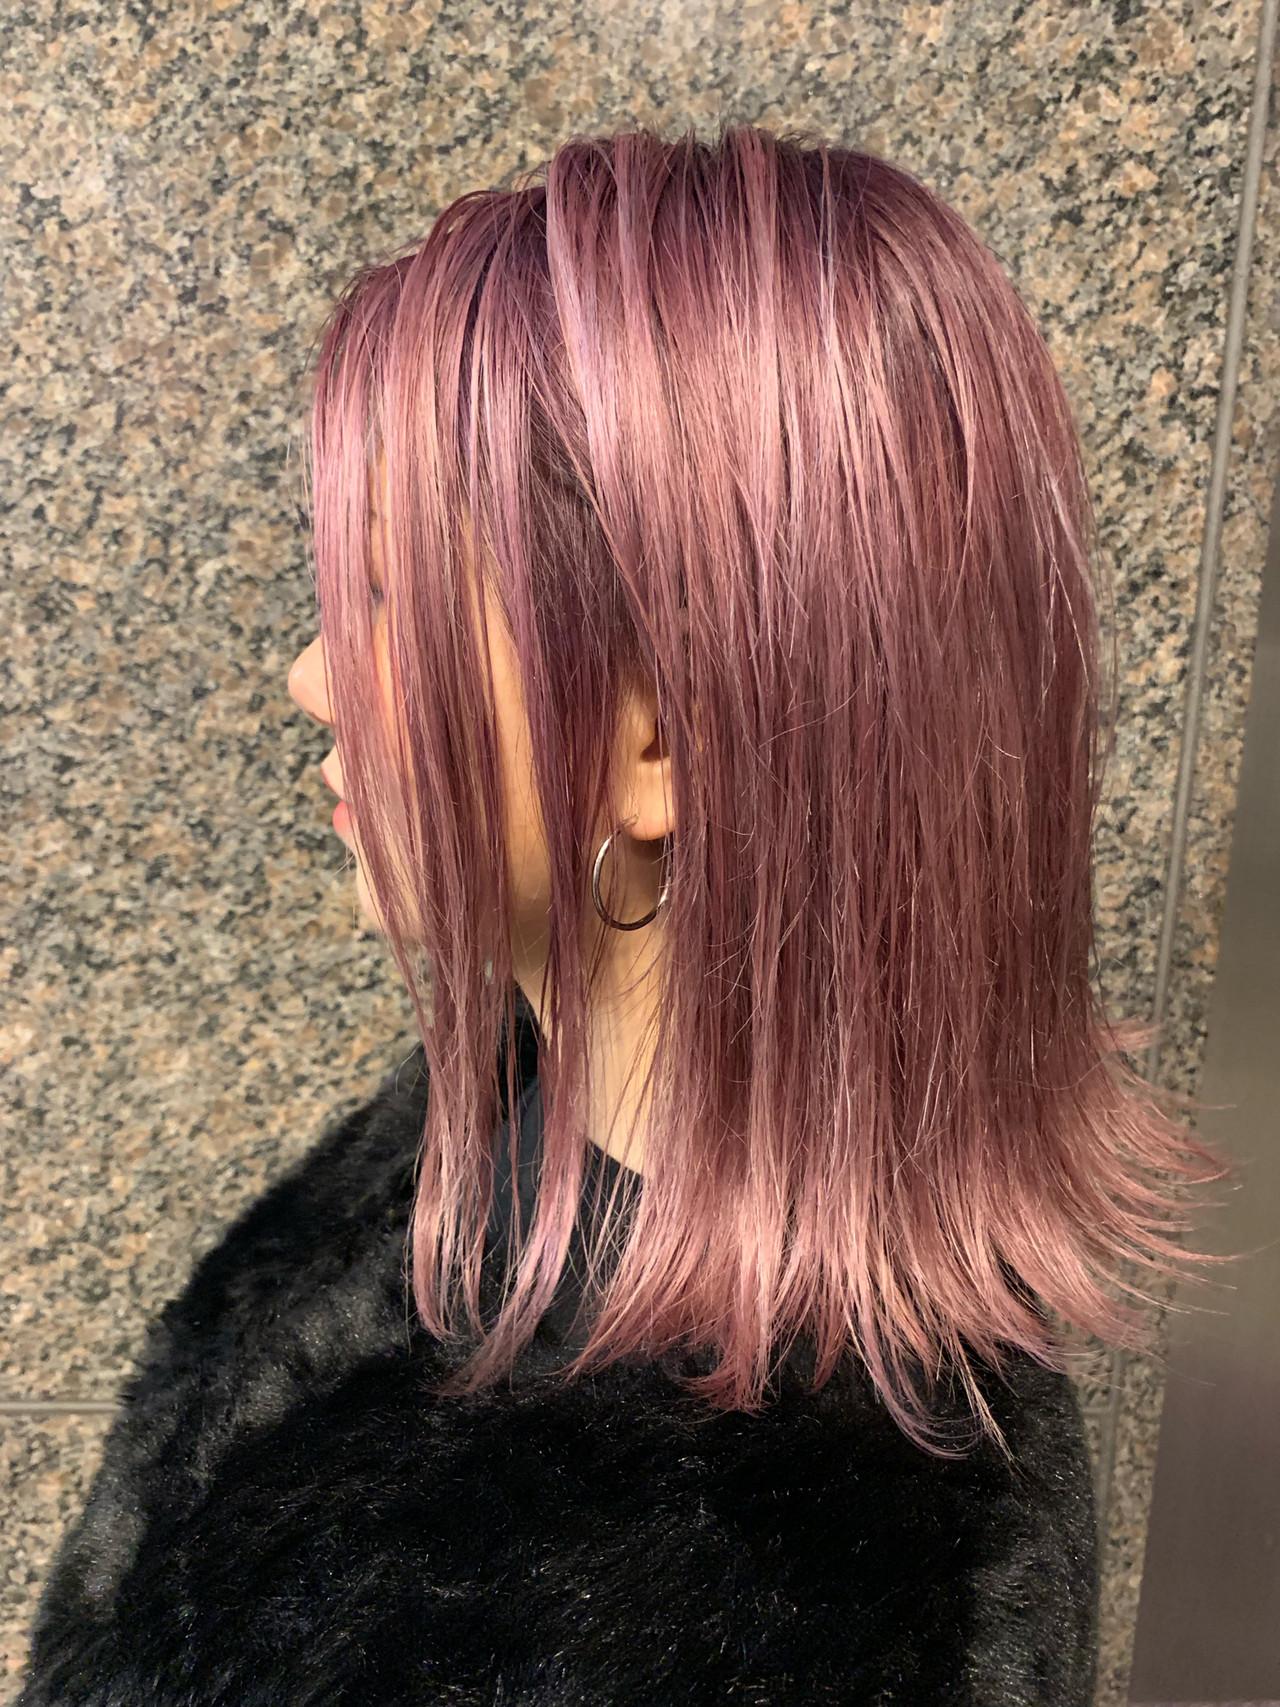 ピンクアッシュ グラデーションカラー コリアンピンク ピンク ヘアスタイルや髪型の写真・画像